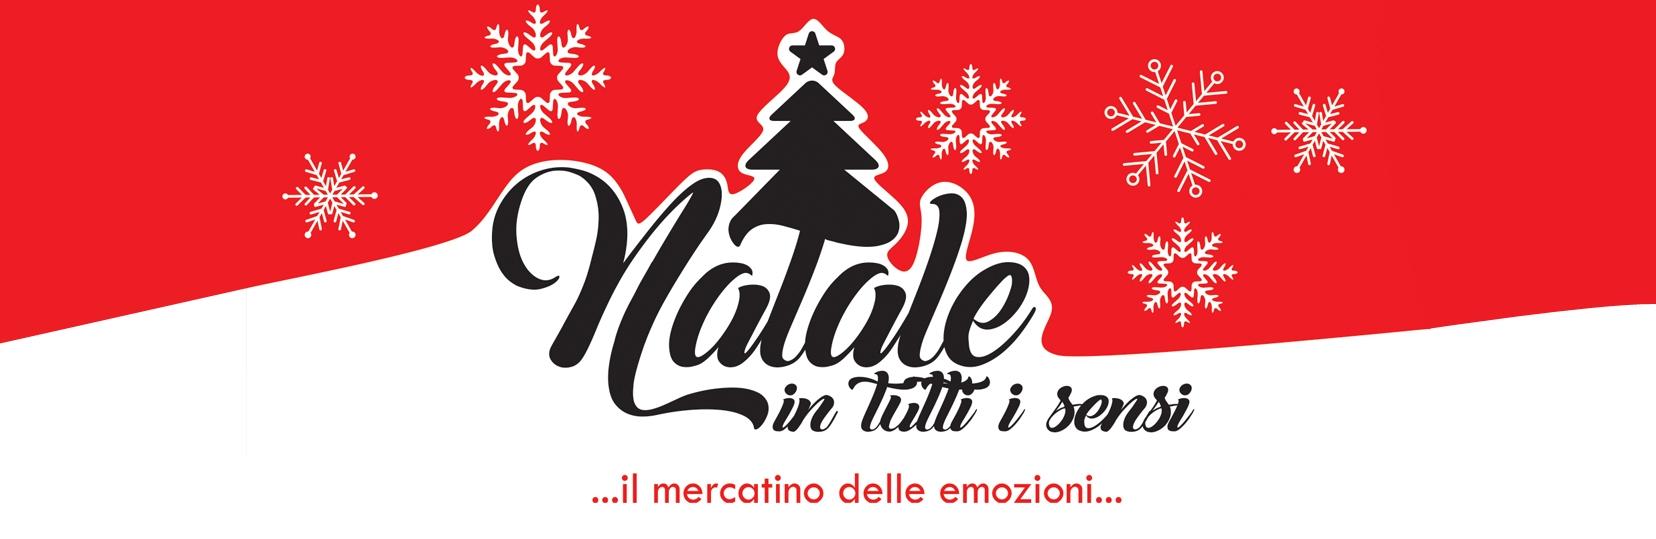 Logo dedicato all'evento dei Mercatini natalizi a Fondo